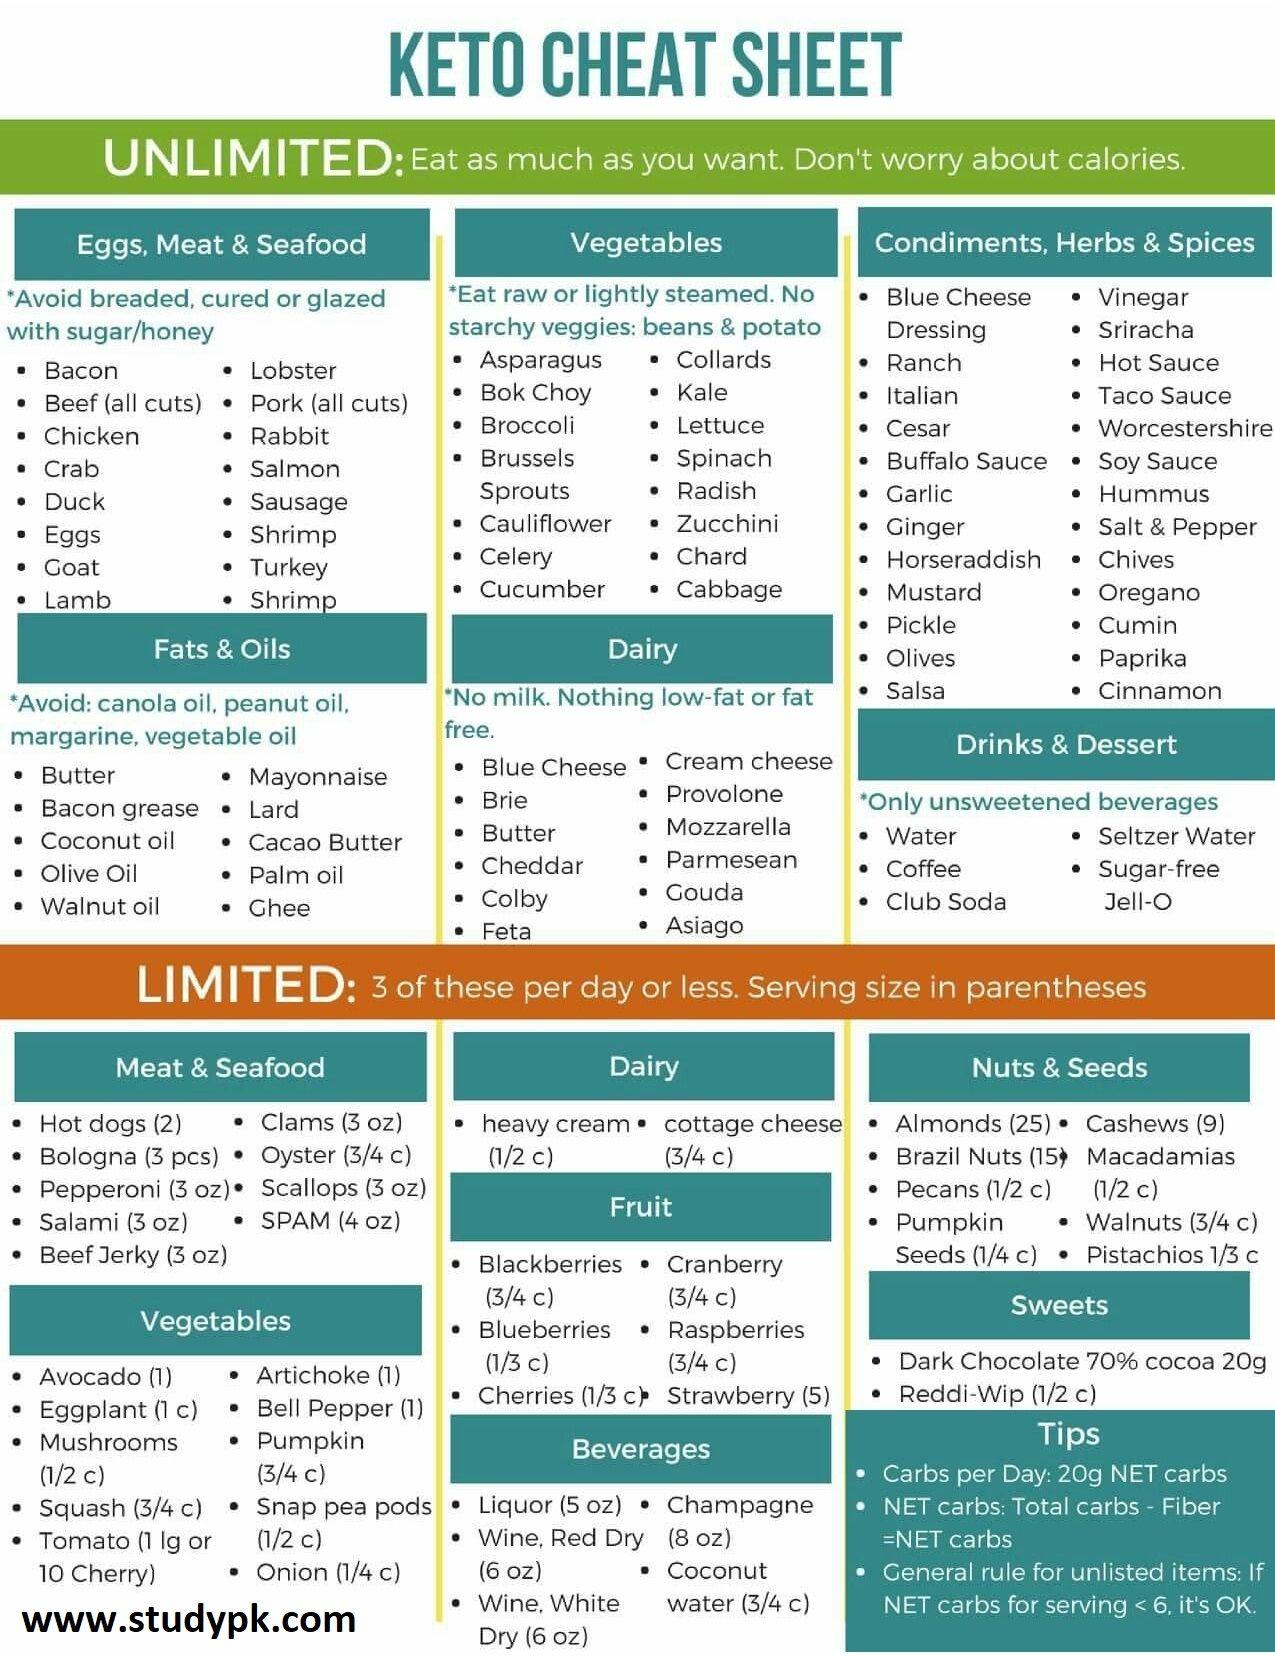 28 Day Keto Diet Plan Cheat Sheet Studypk Diet Help Keto Diet Inspiration Quotes